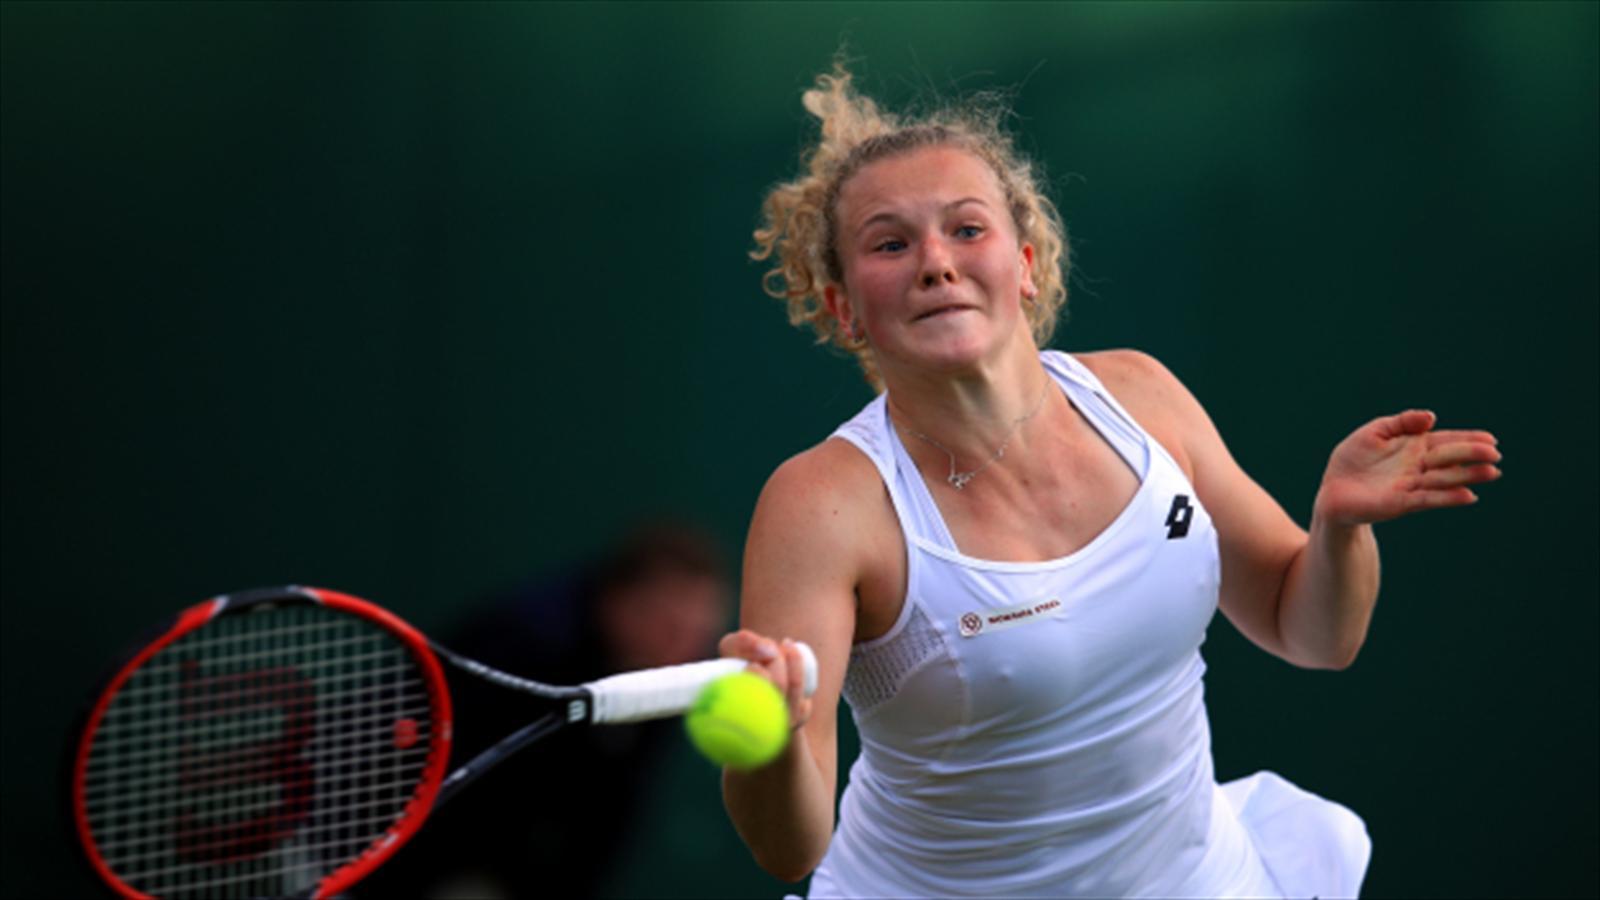 Katerina Siniakova through to final - Tennis - Eurosport UK